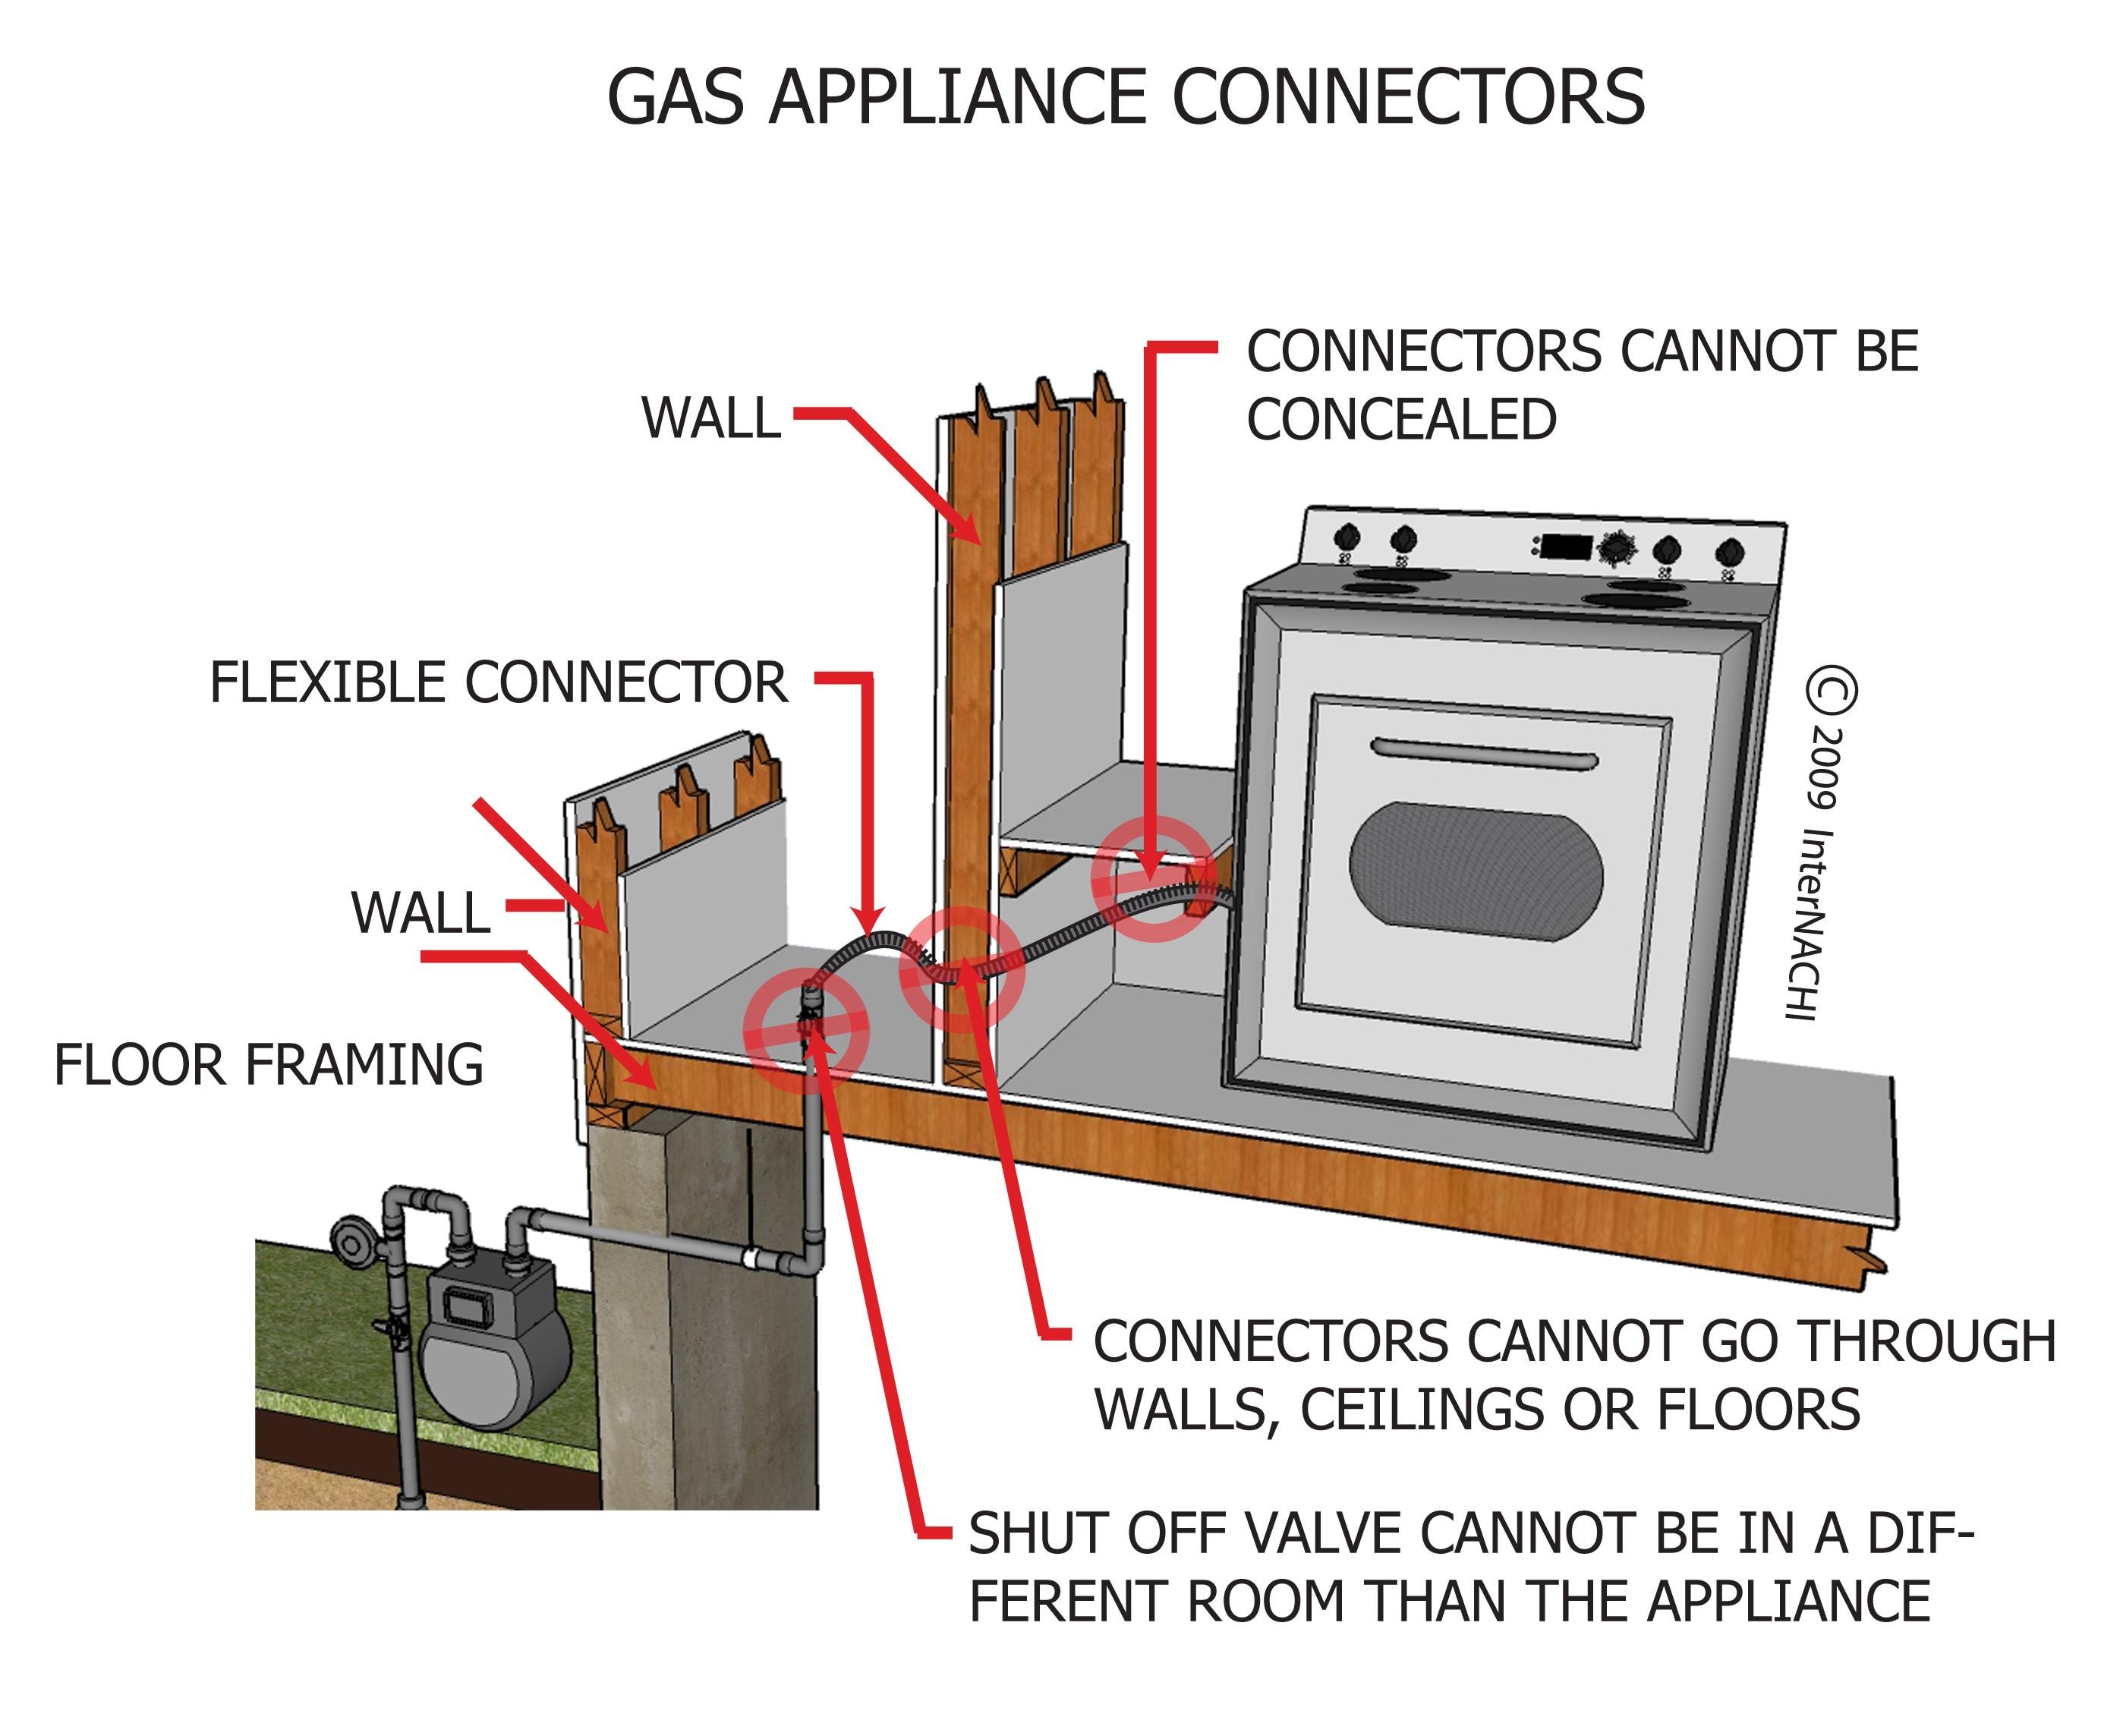 Gas appliance connectors.